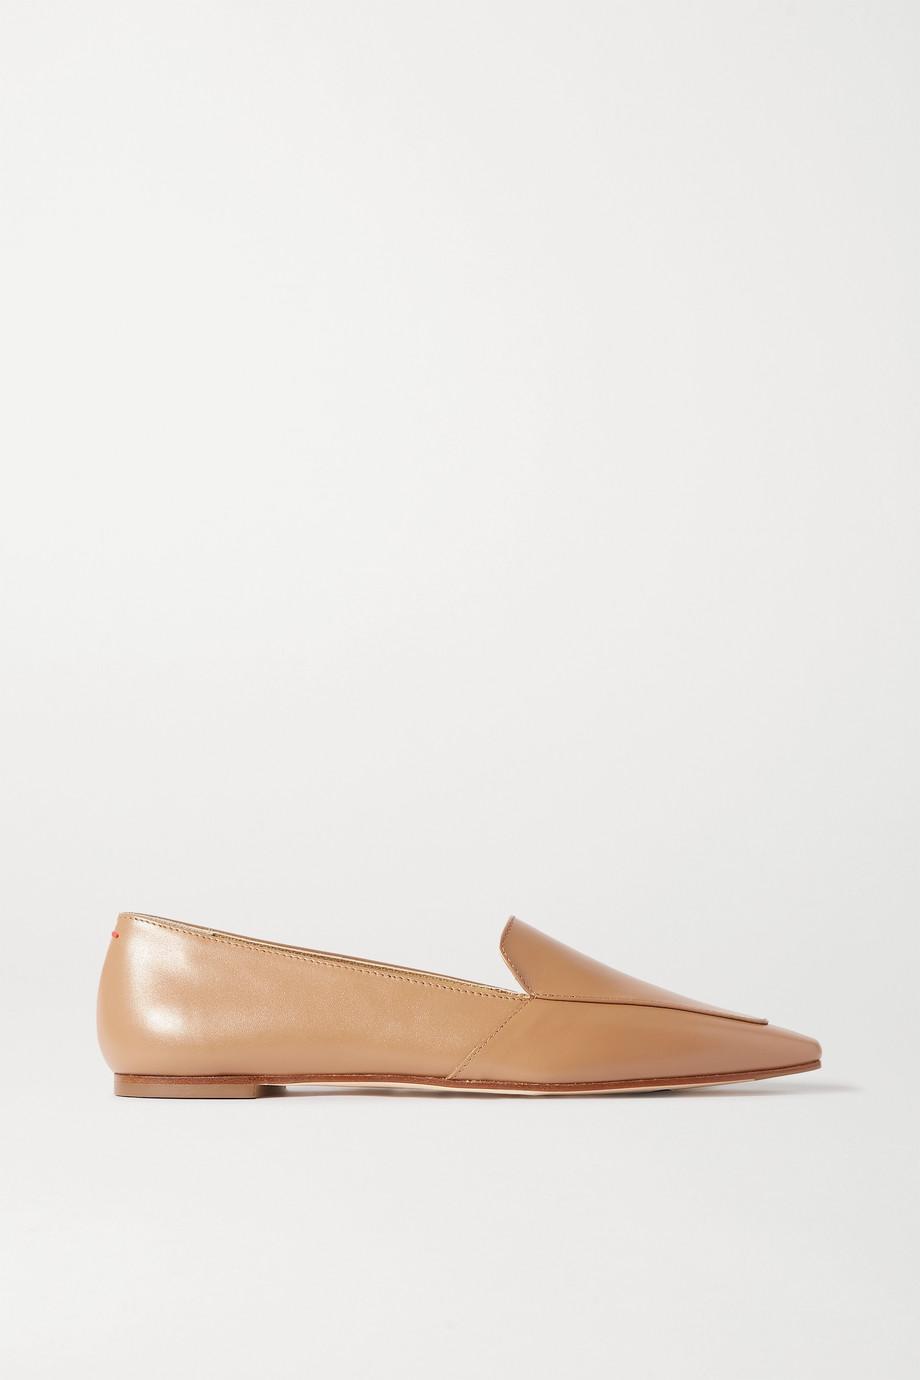 aeydē Aurora 皮革乐福鞋